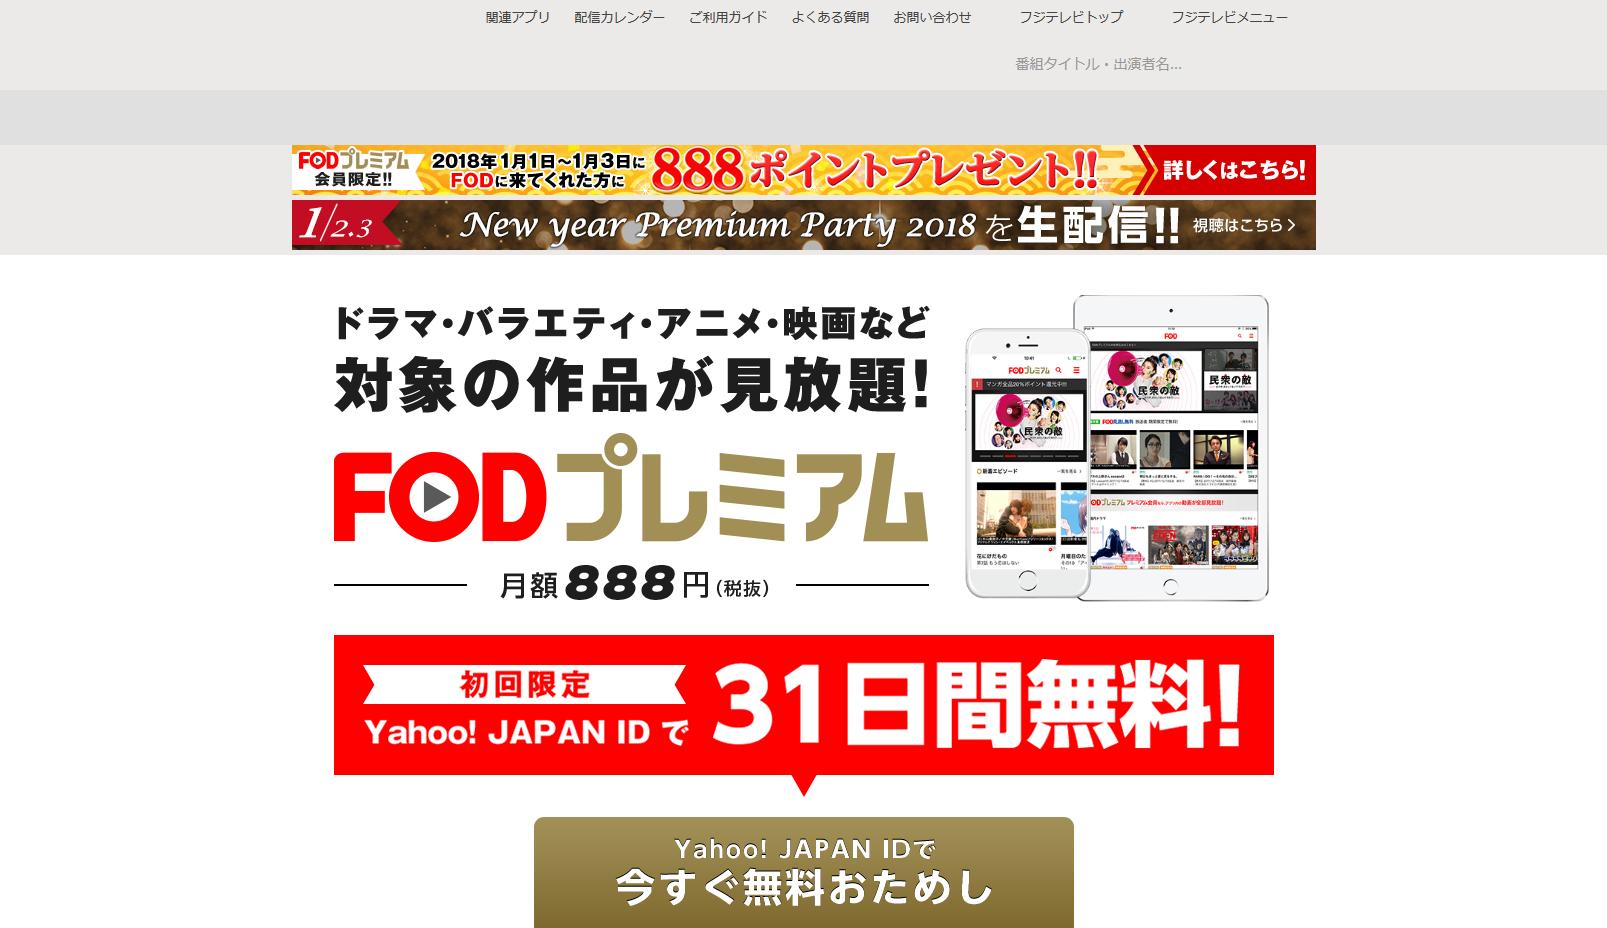 FODプレミアム - FOD - フジテレビの動画配信